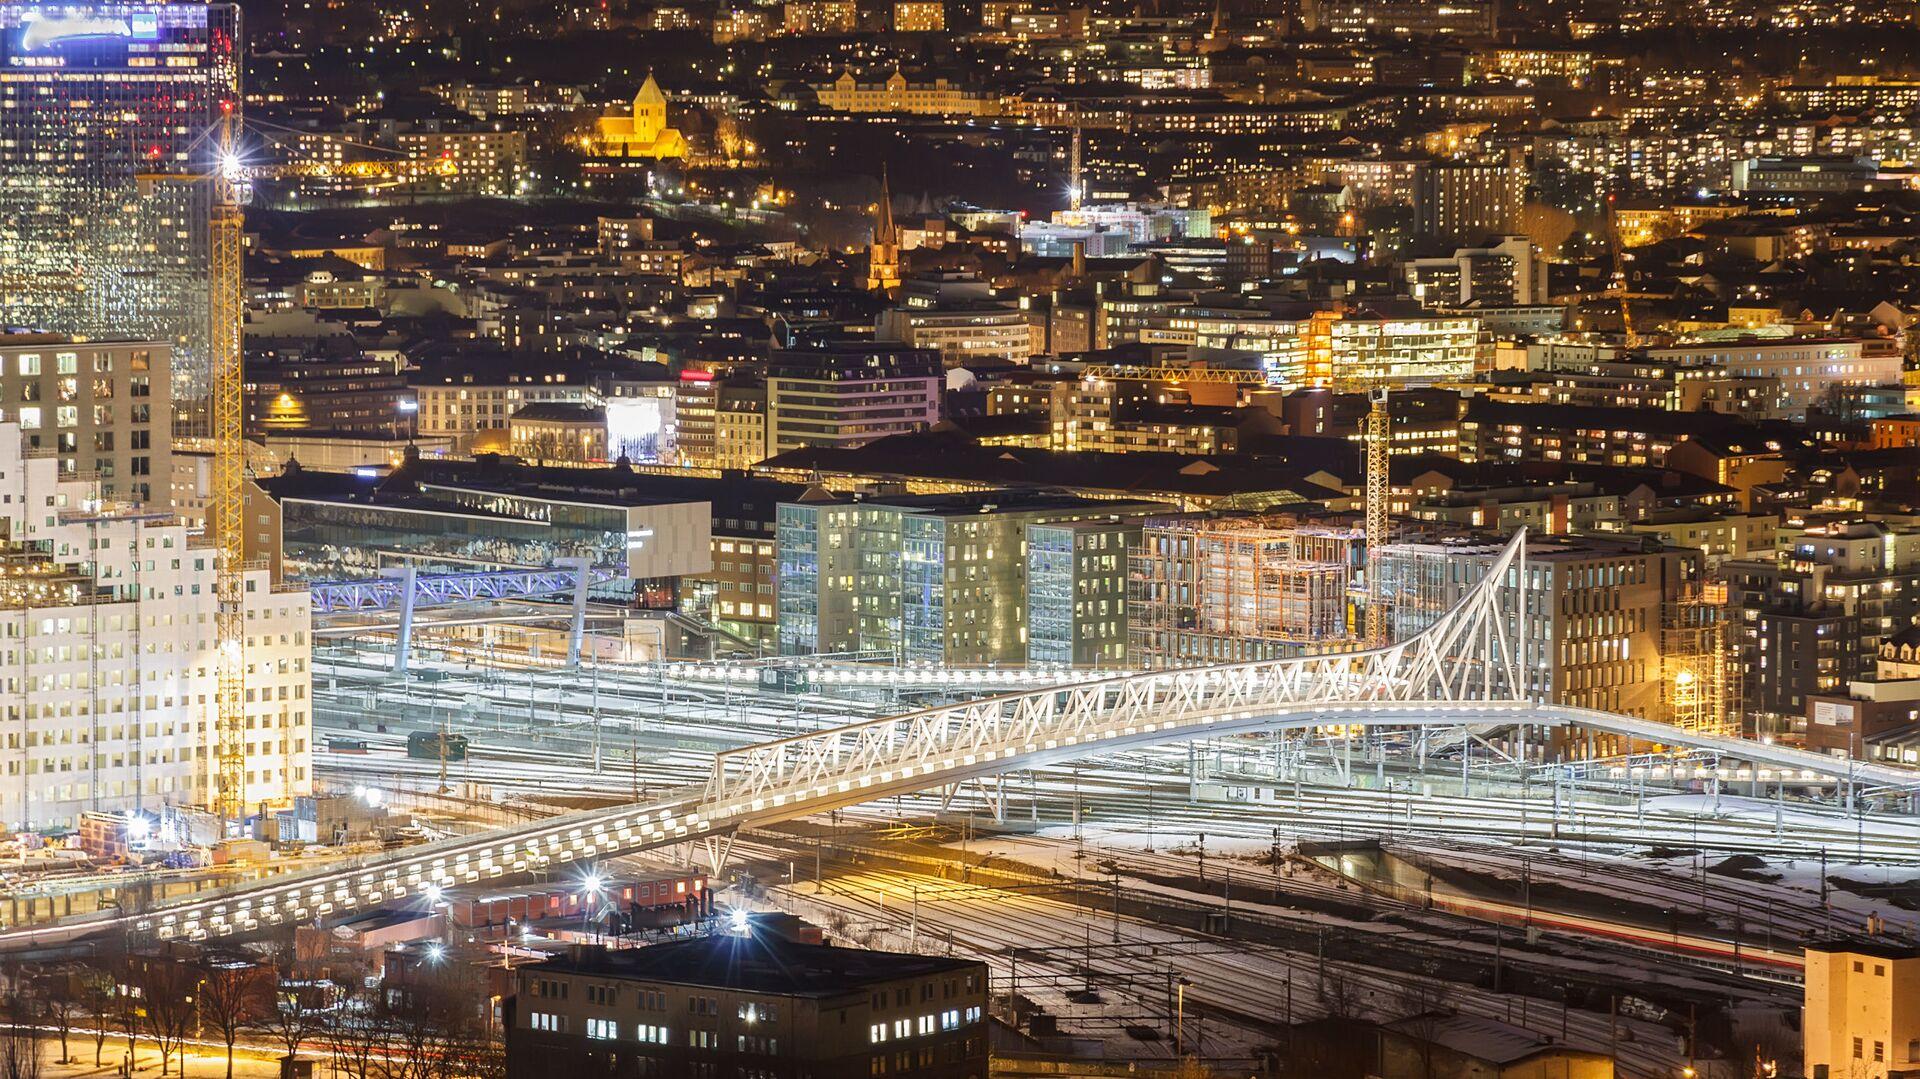 Oslo - Sputnik Česká republika, 1920, 30.04.2021